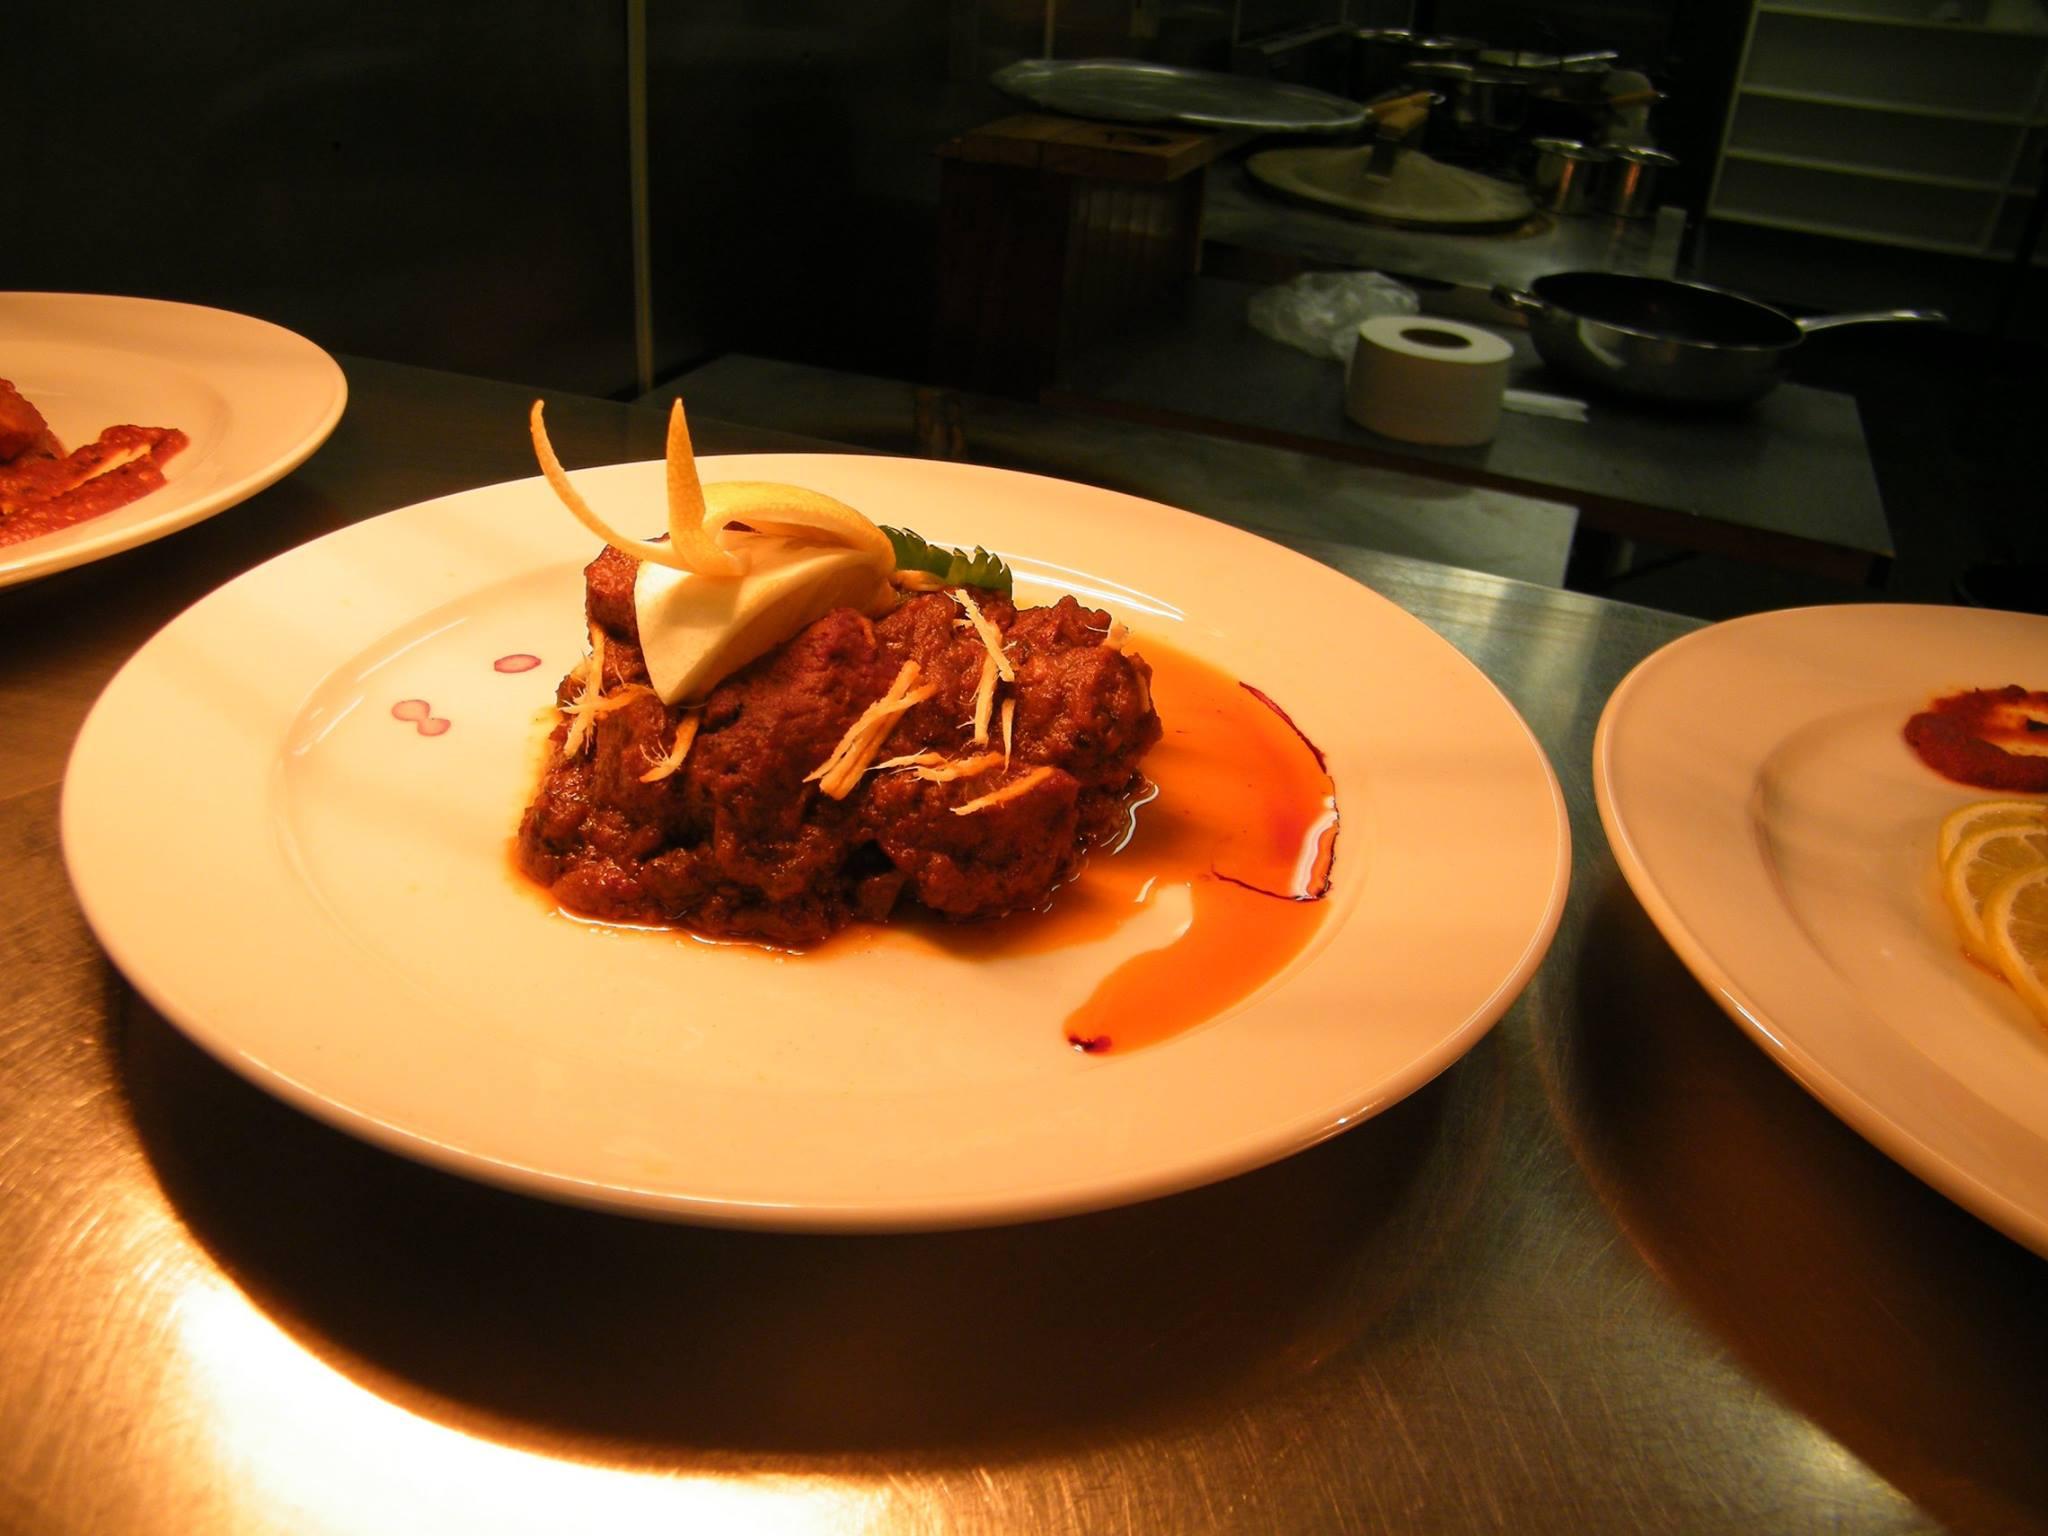 A Bangladeshi dish at Nobanno restaurant in Christchurch